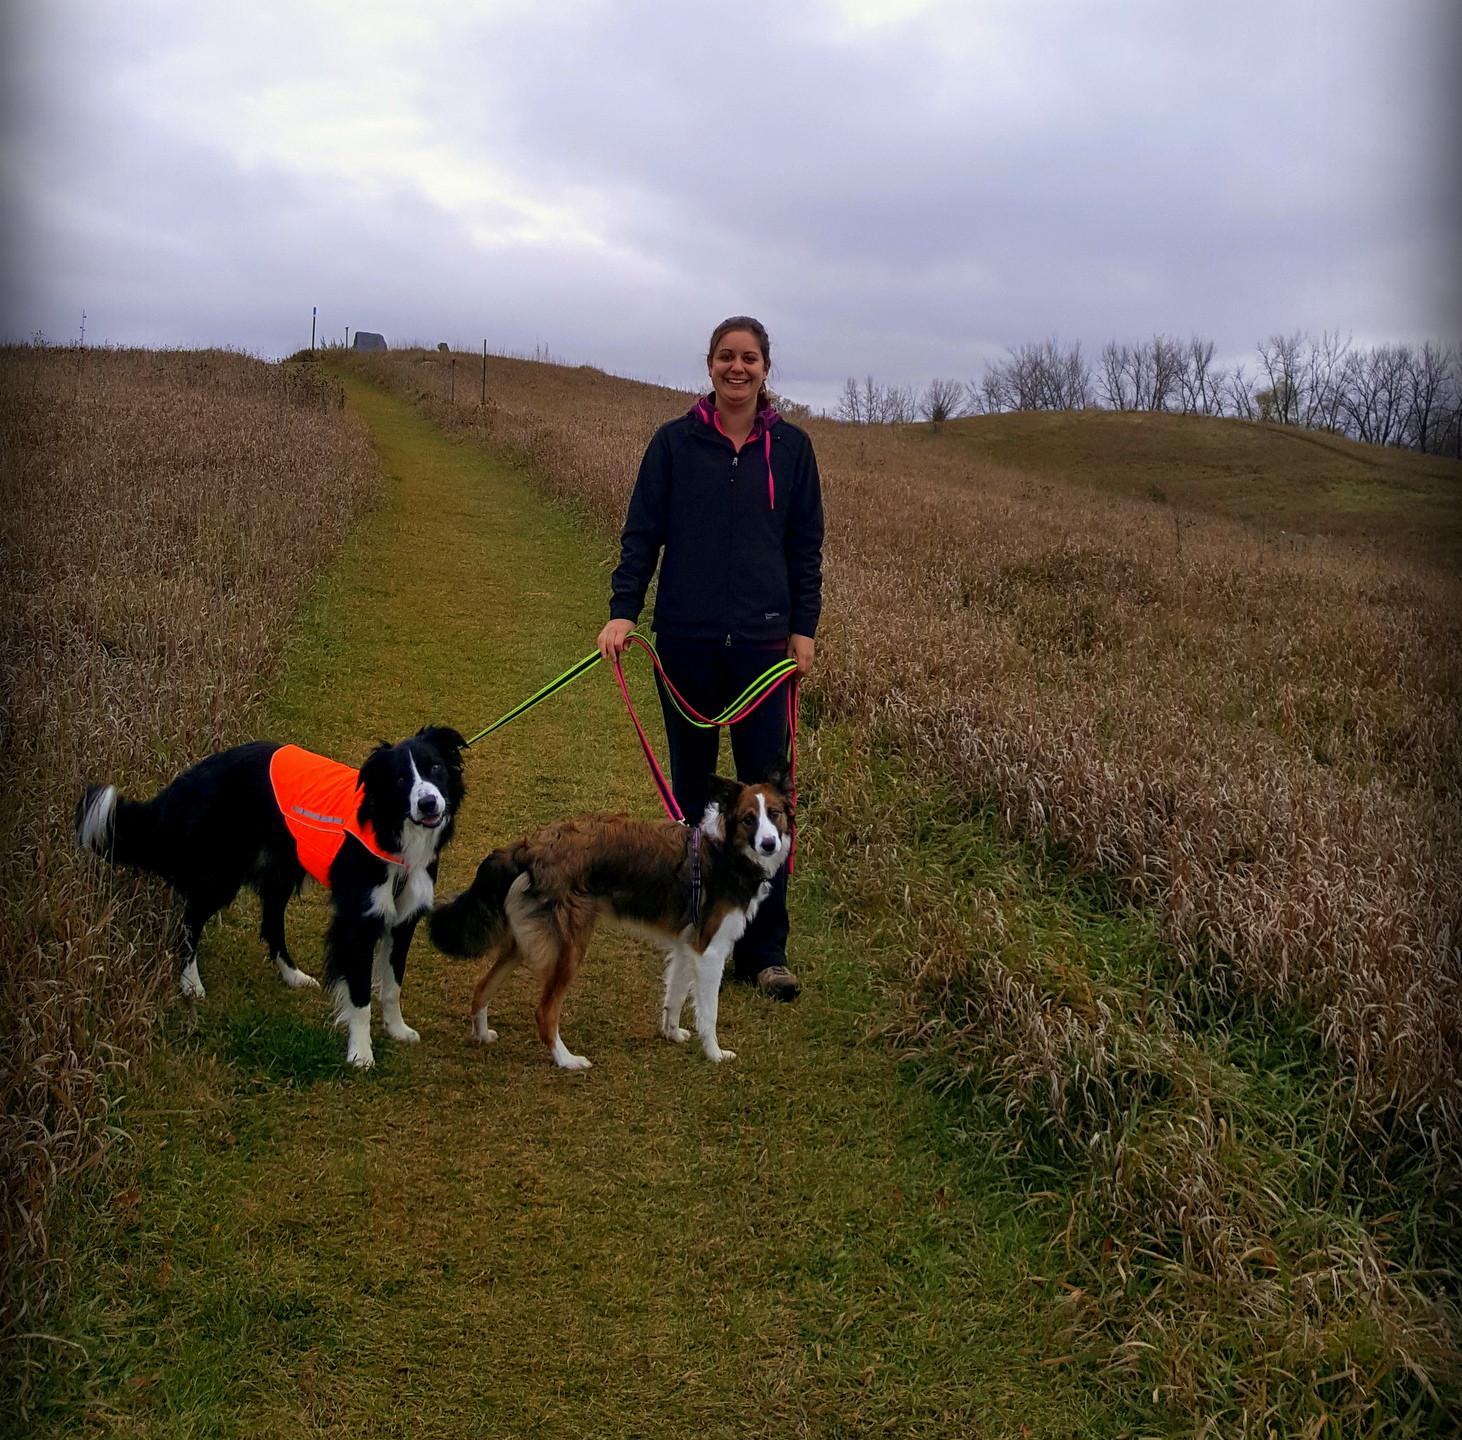 Danielle & The Adventure Dogs